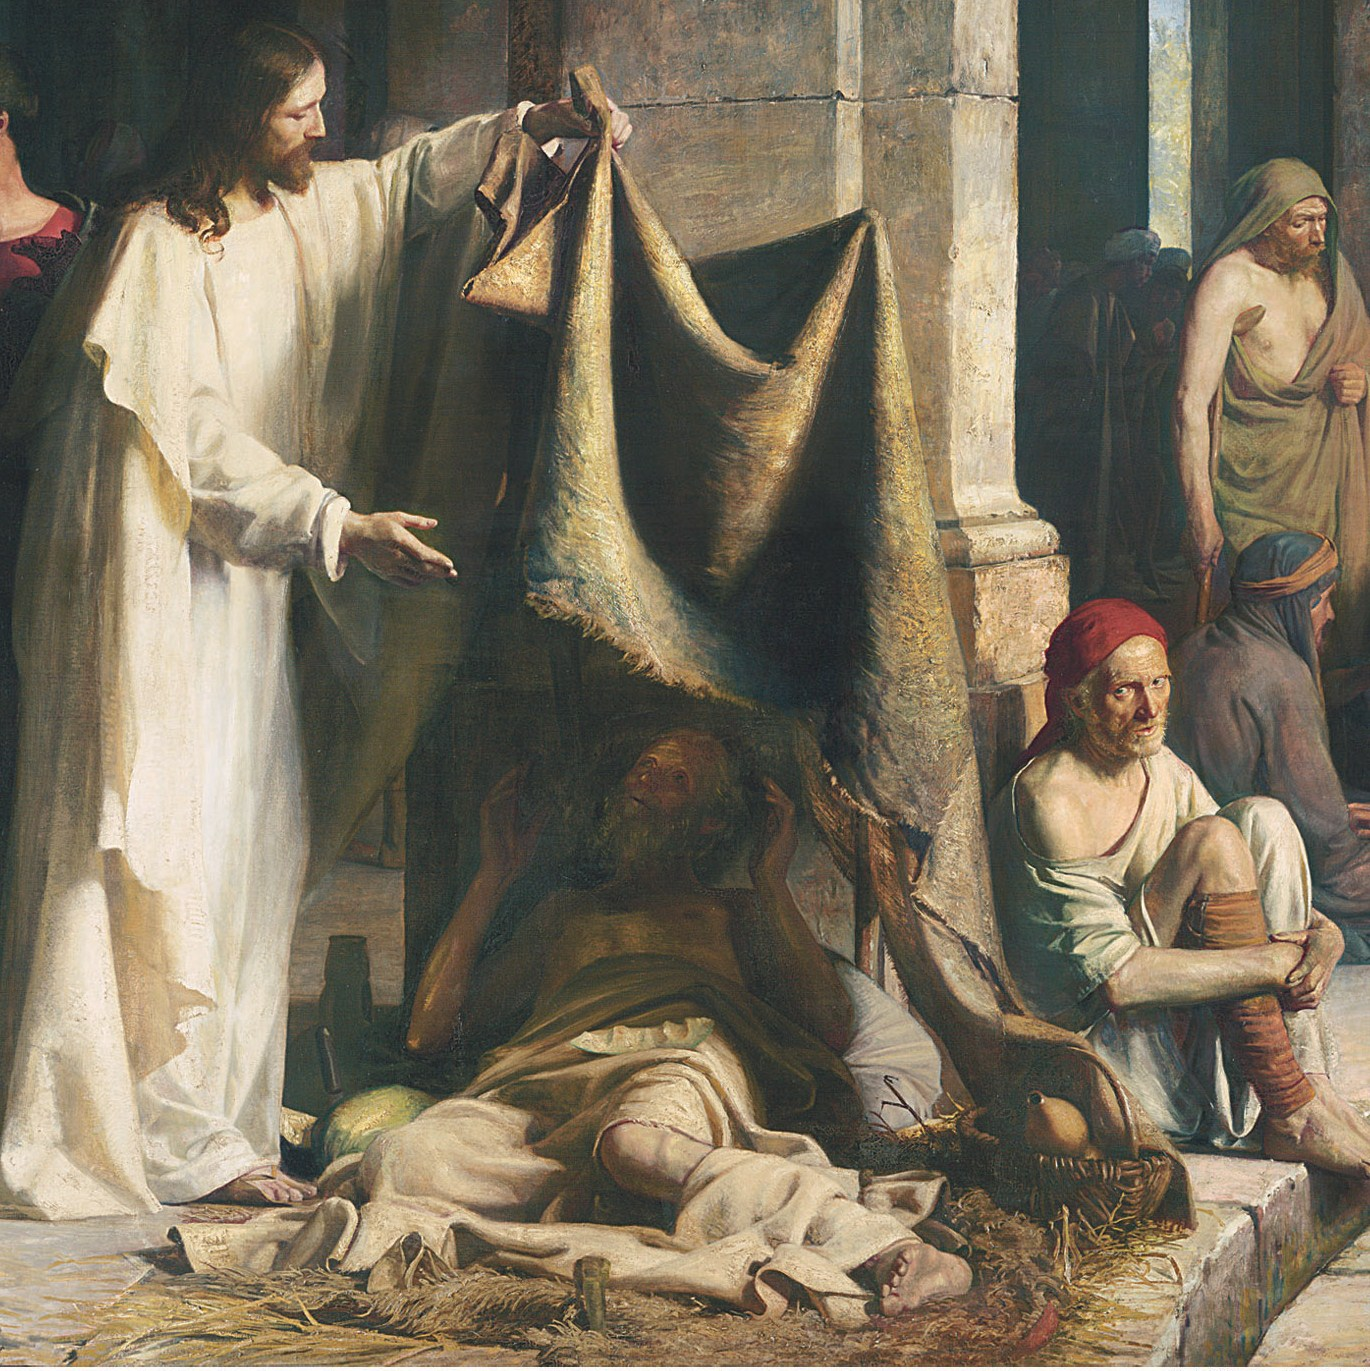 Jesus Healing the Lame - Bloch